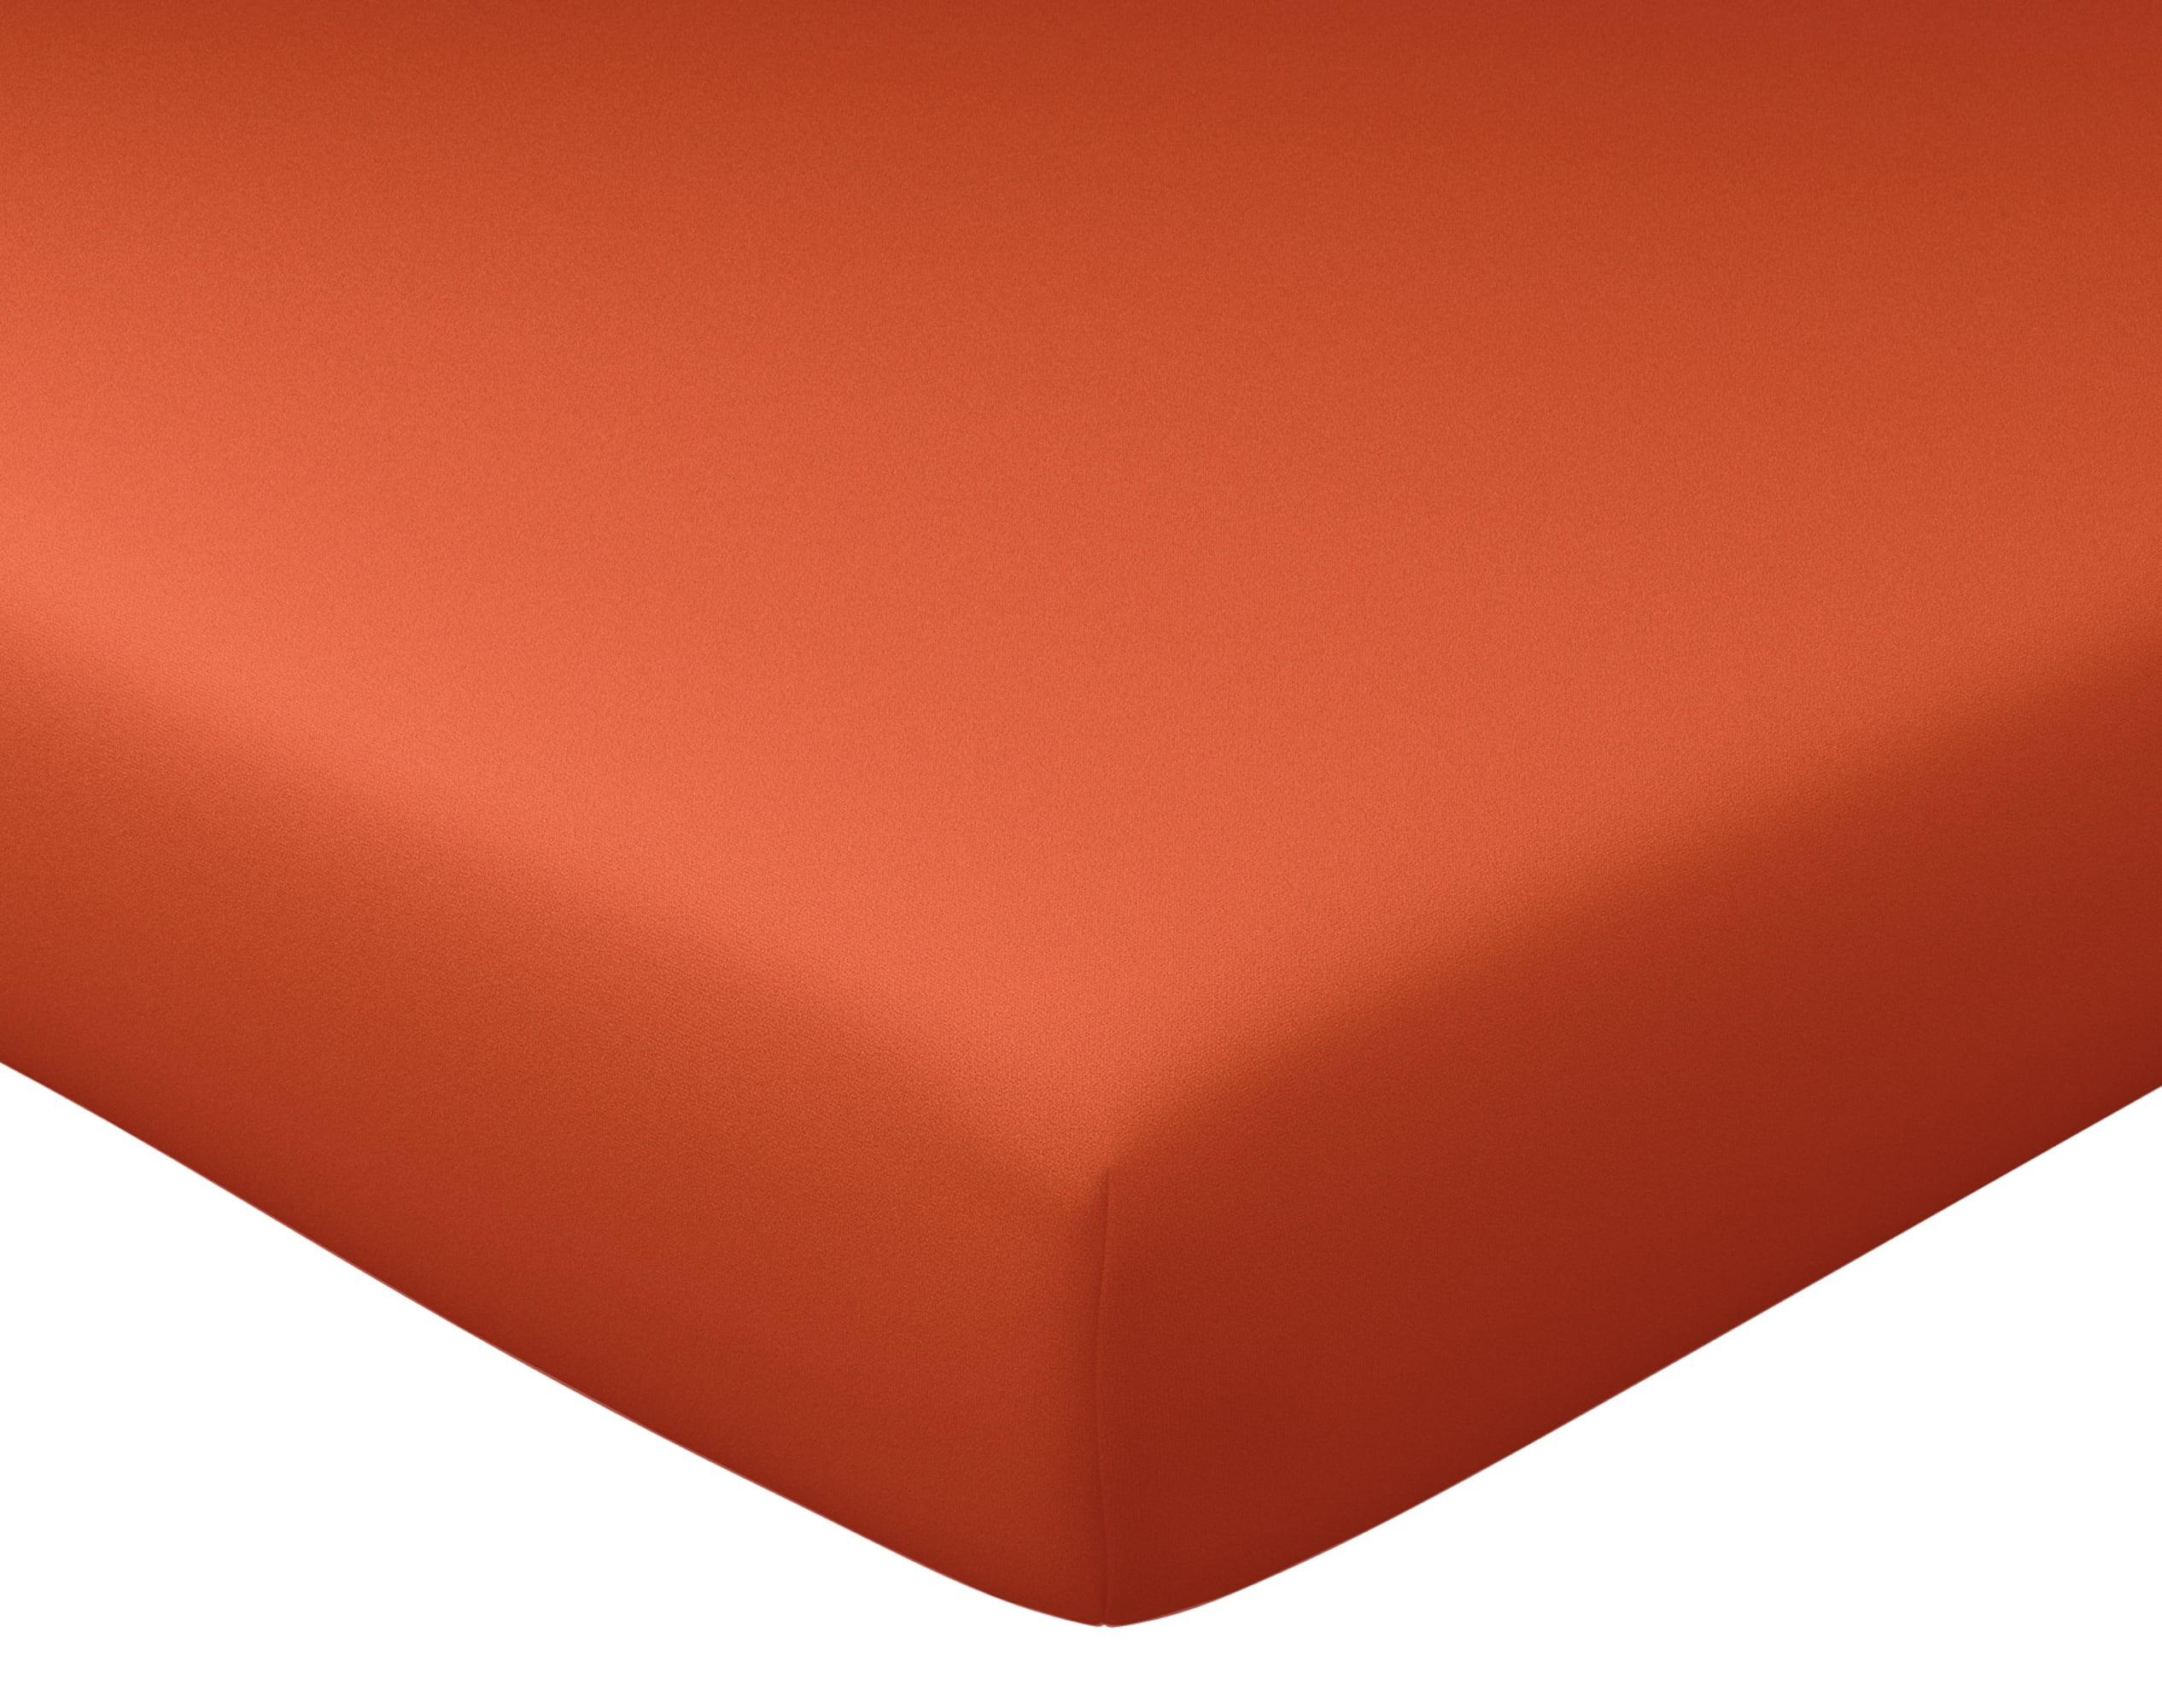 Drap-housse 160x200 en percale de coton  orange terracotta